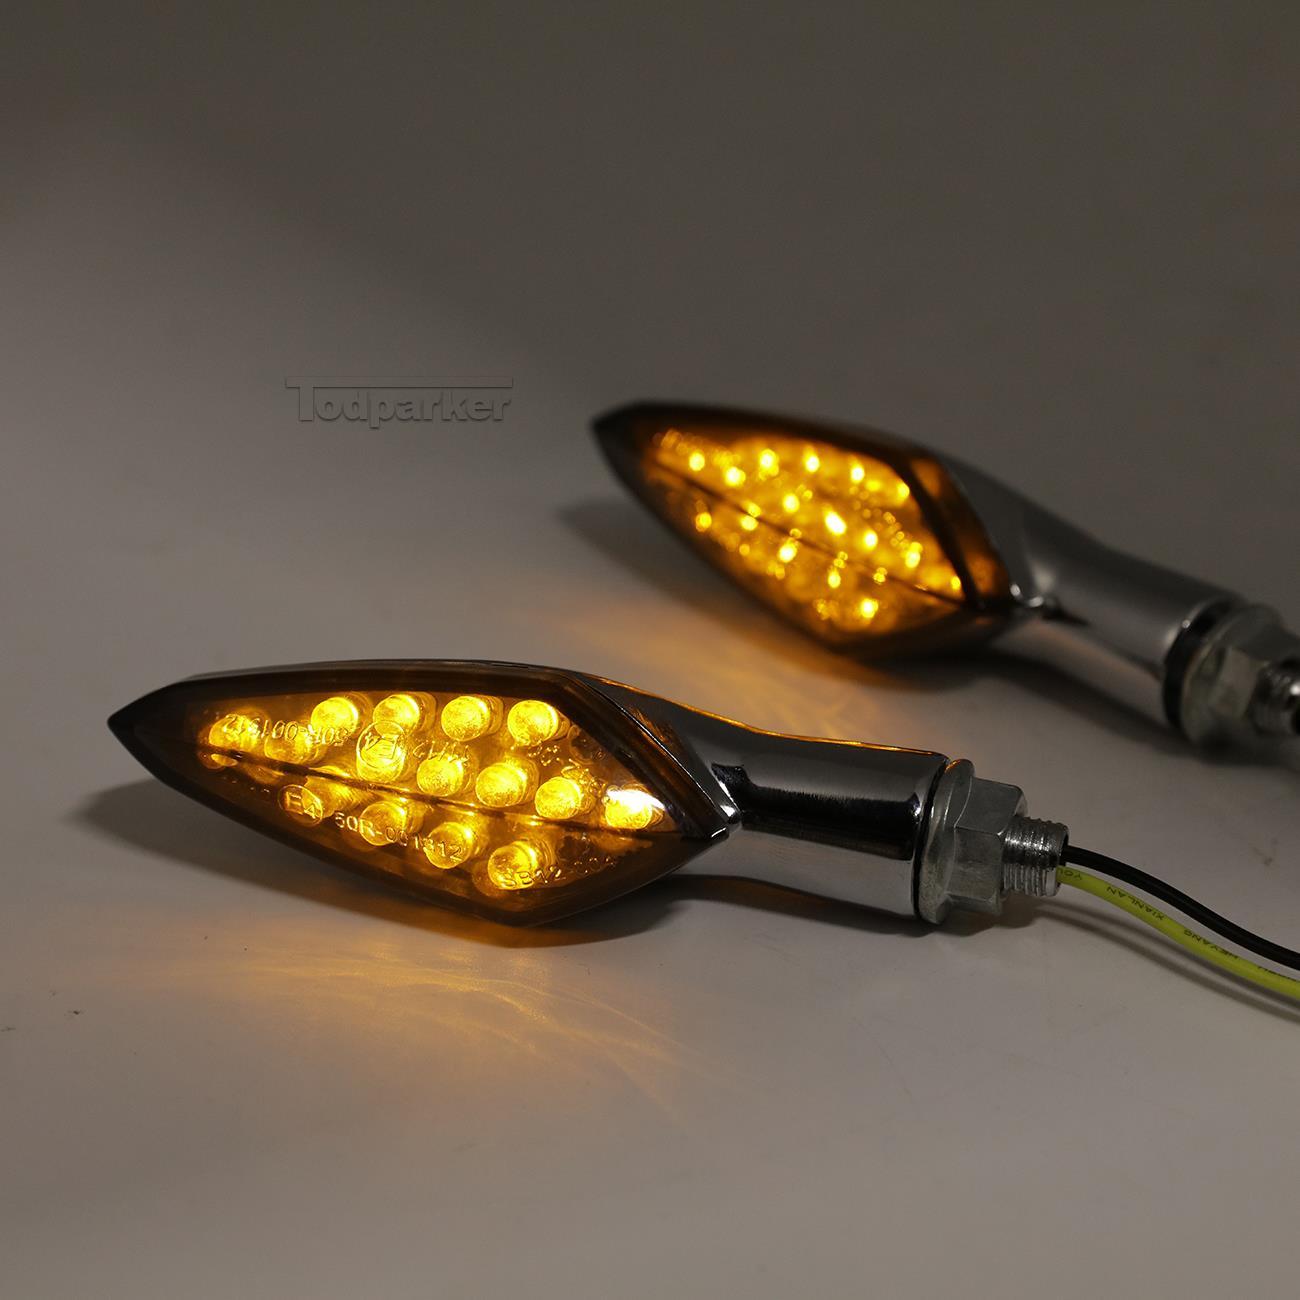 4pcs Motorcycle Turn Signals For Yamaha Virago 250 500 535 700 750 920 1100 1150